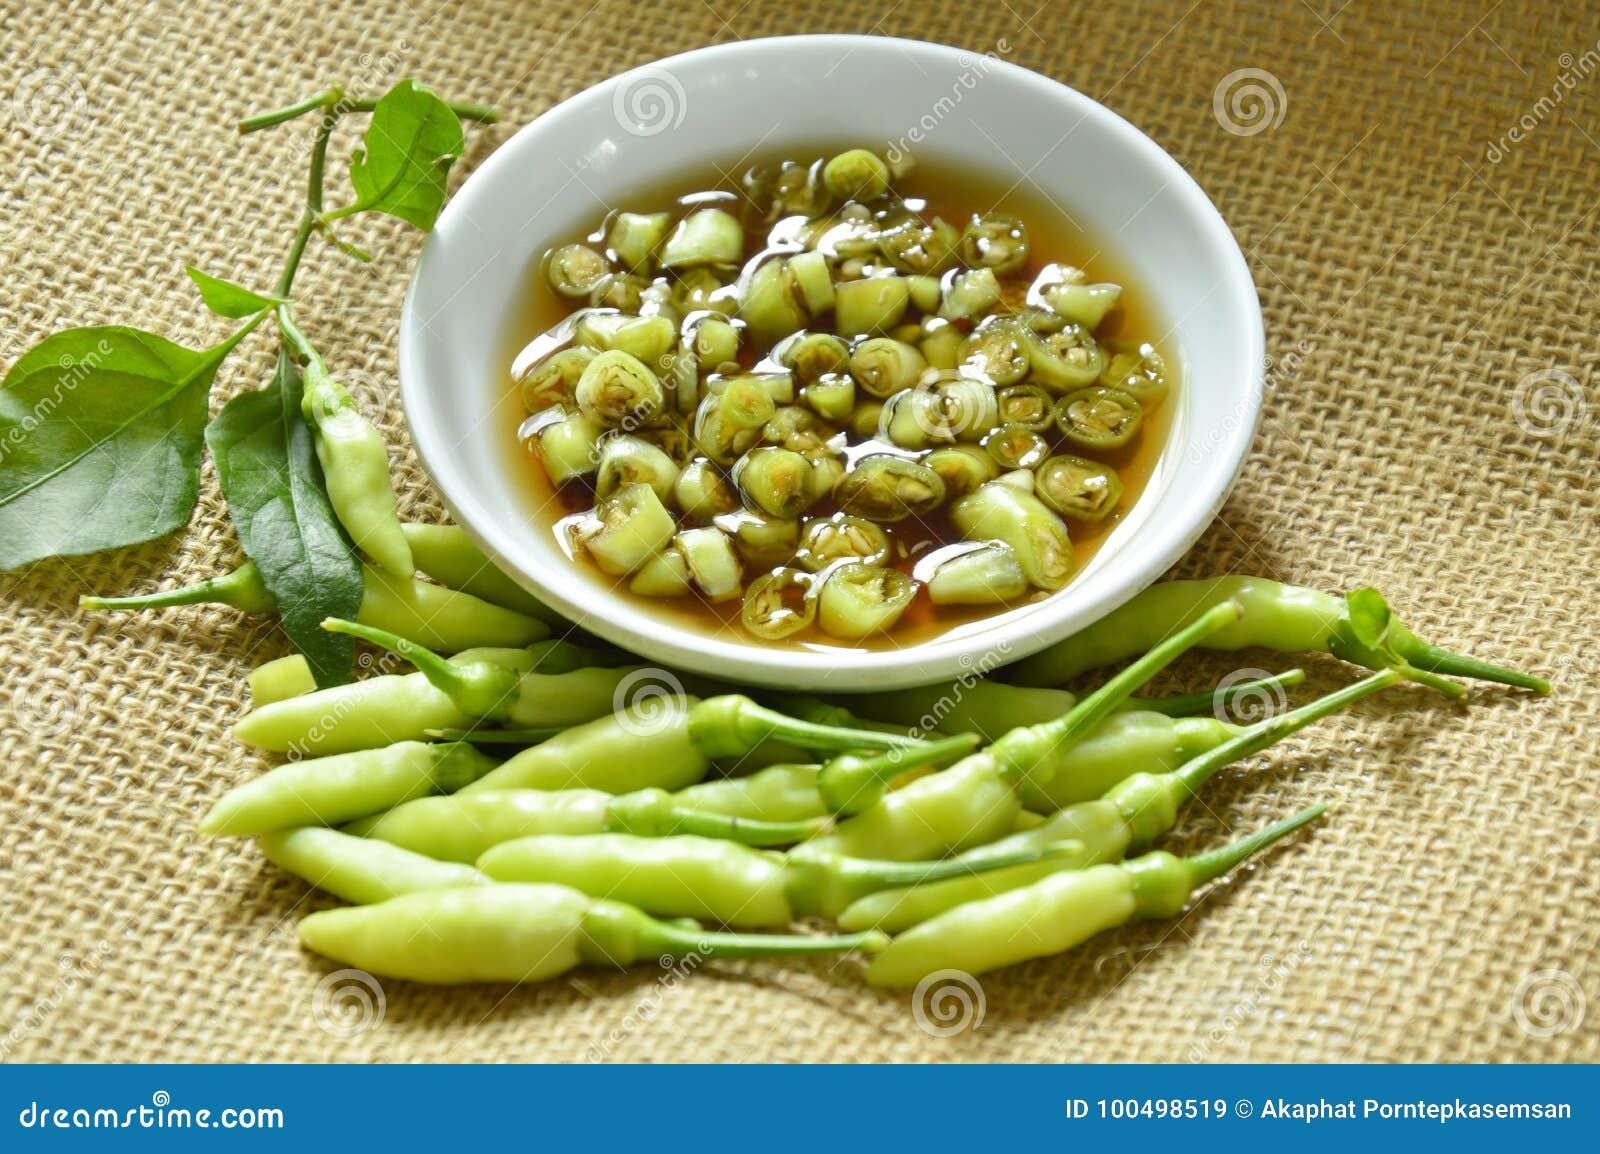 Fetta verde del peperoncino rosso e misto freschi in salsa di pesce sulla tazza